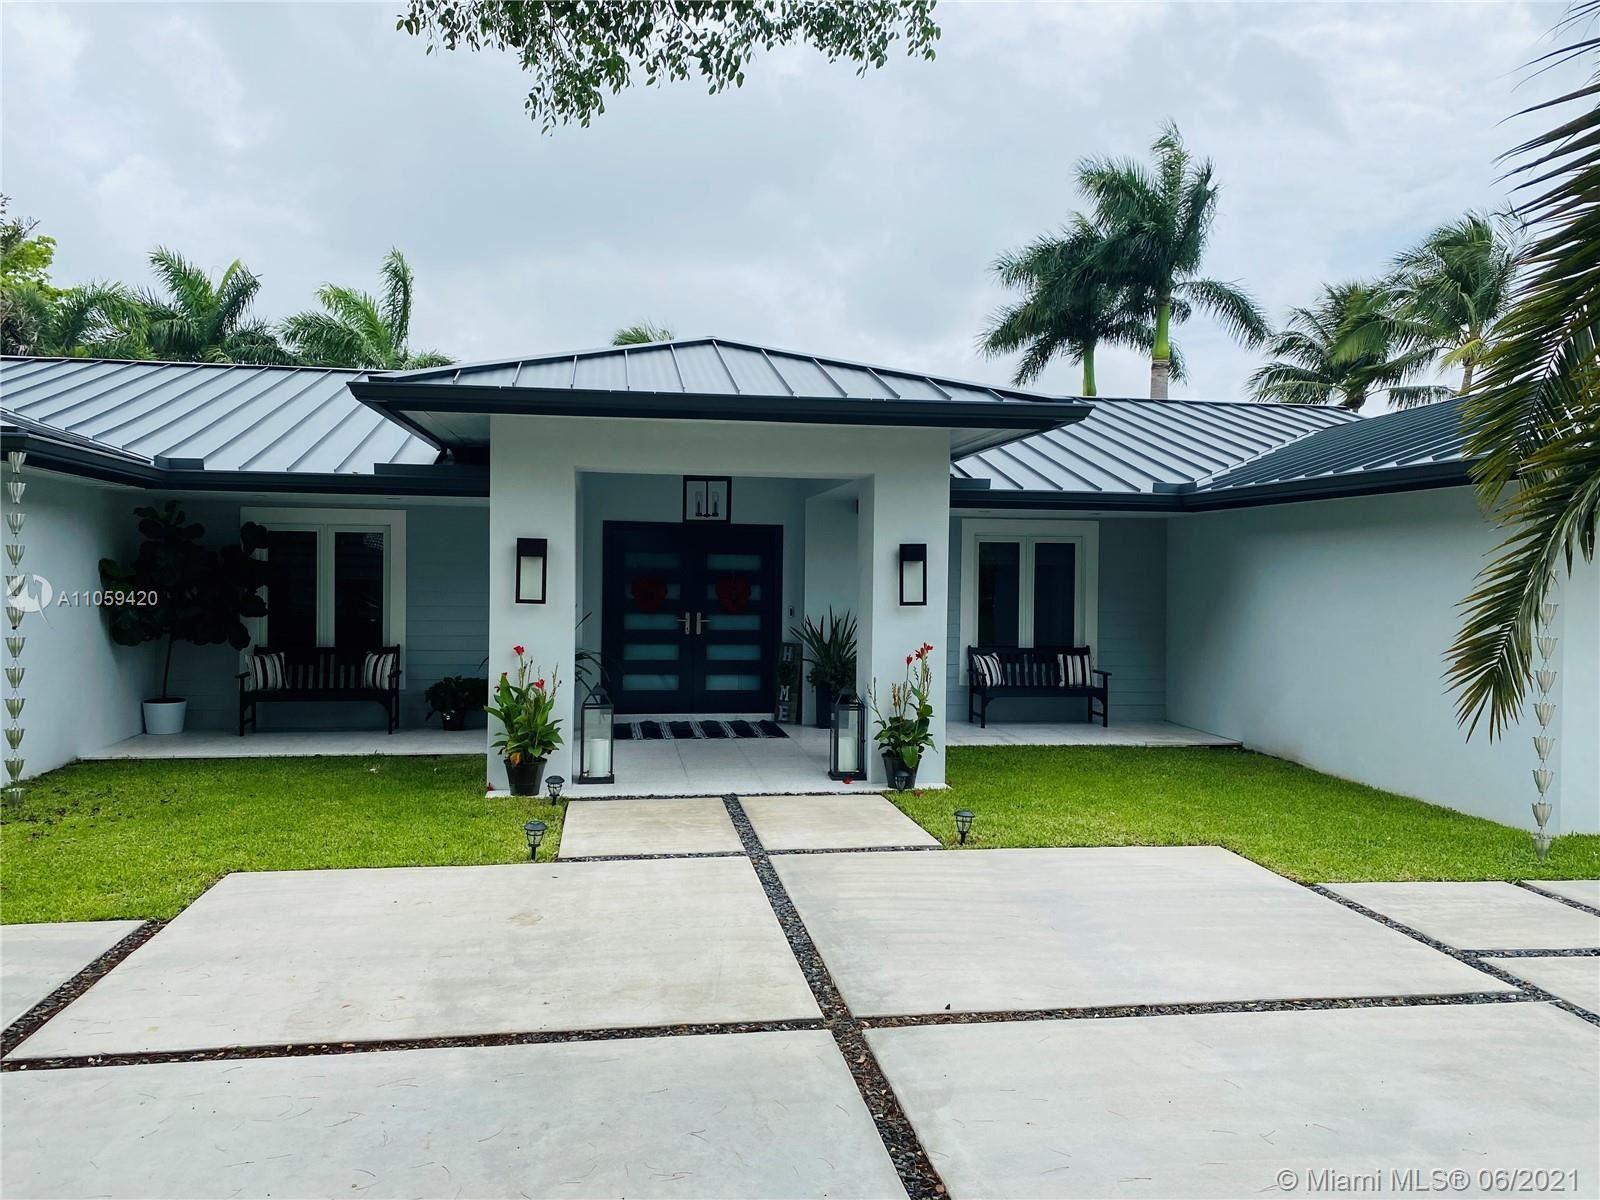 9345 SW 142nd St, Miami, FL 33176 - #: A11059420